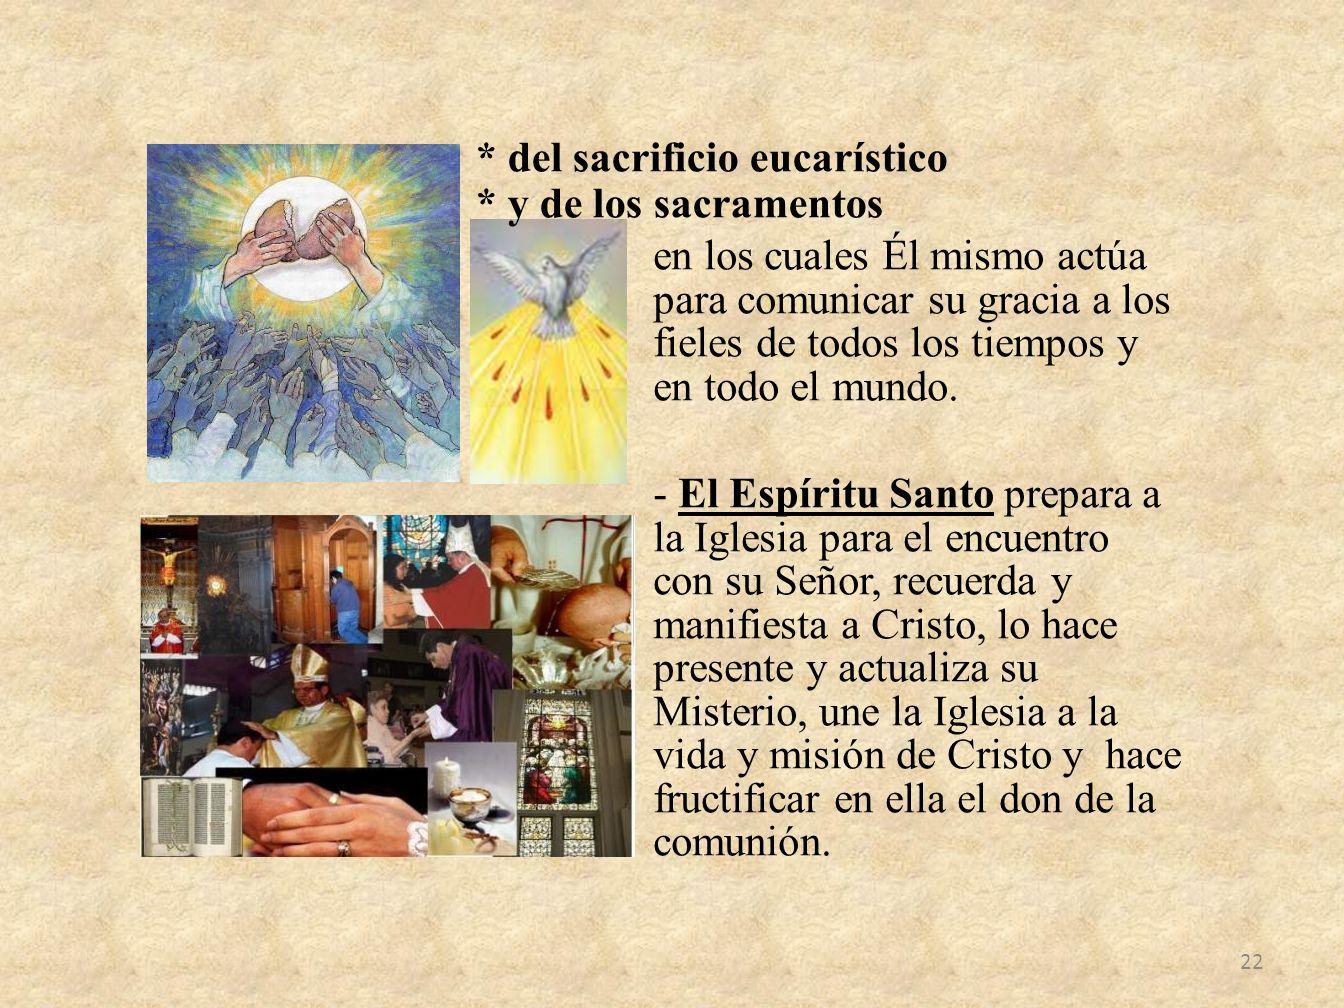 en los cuales Él mismo actúa para comunicar su gracia a los fieles de todos los tiempos y en todo el mundo.